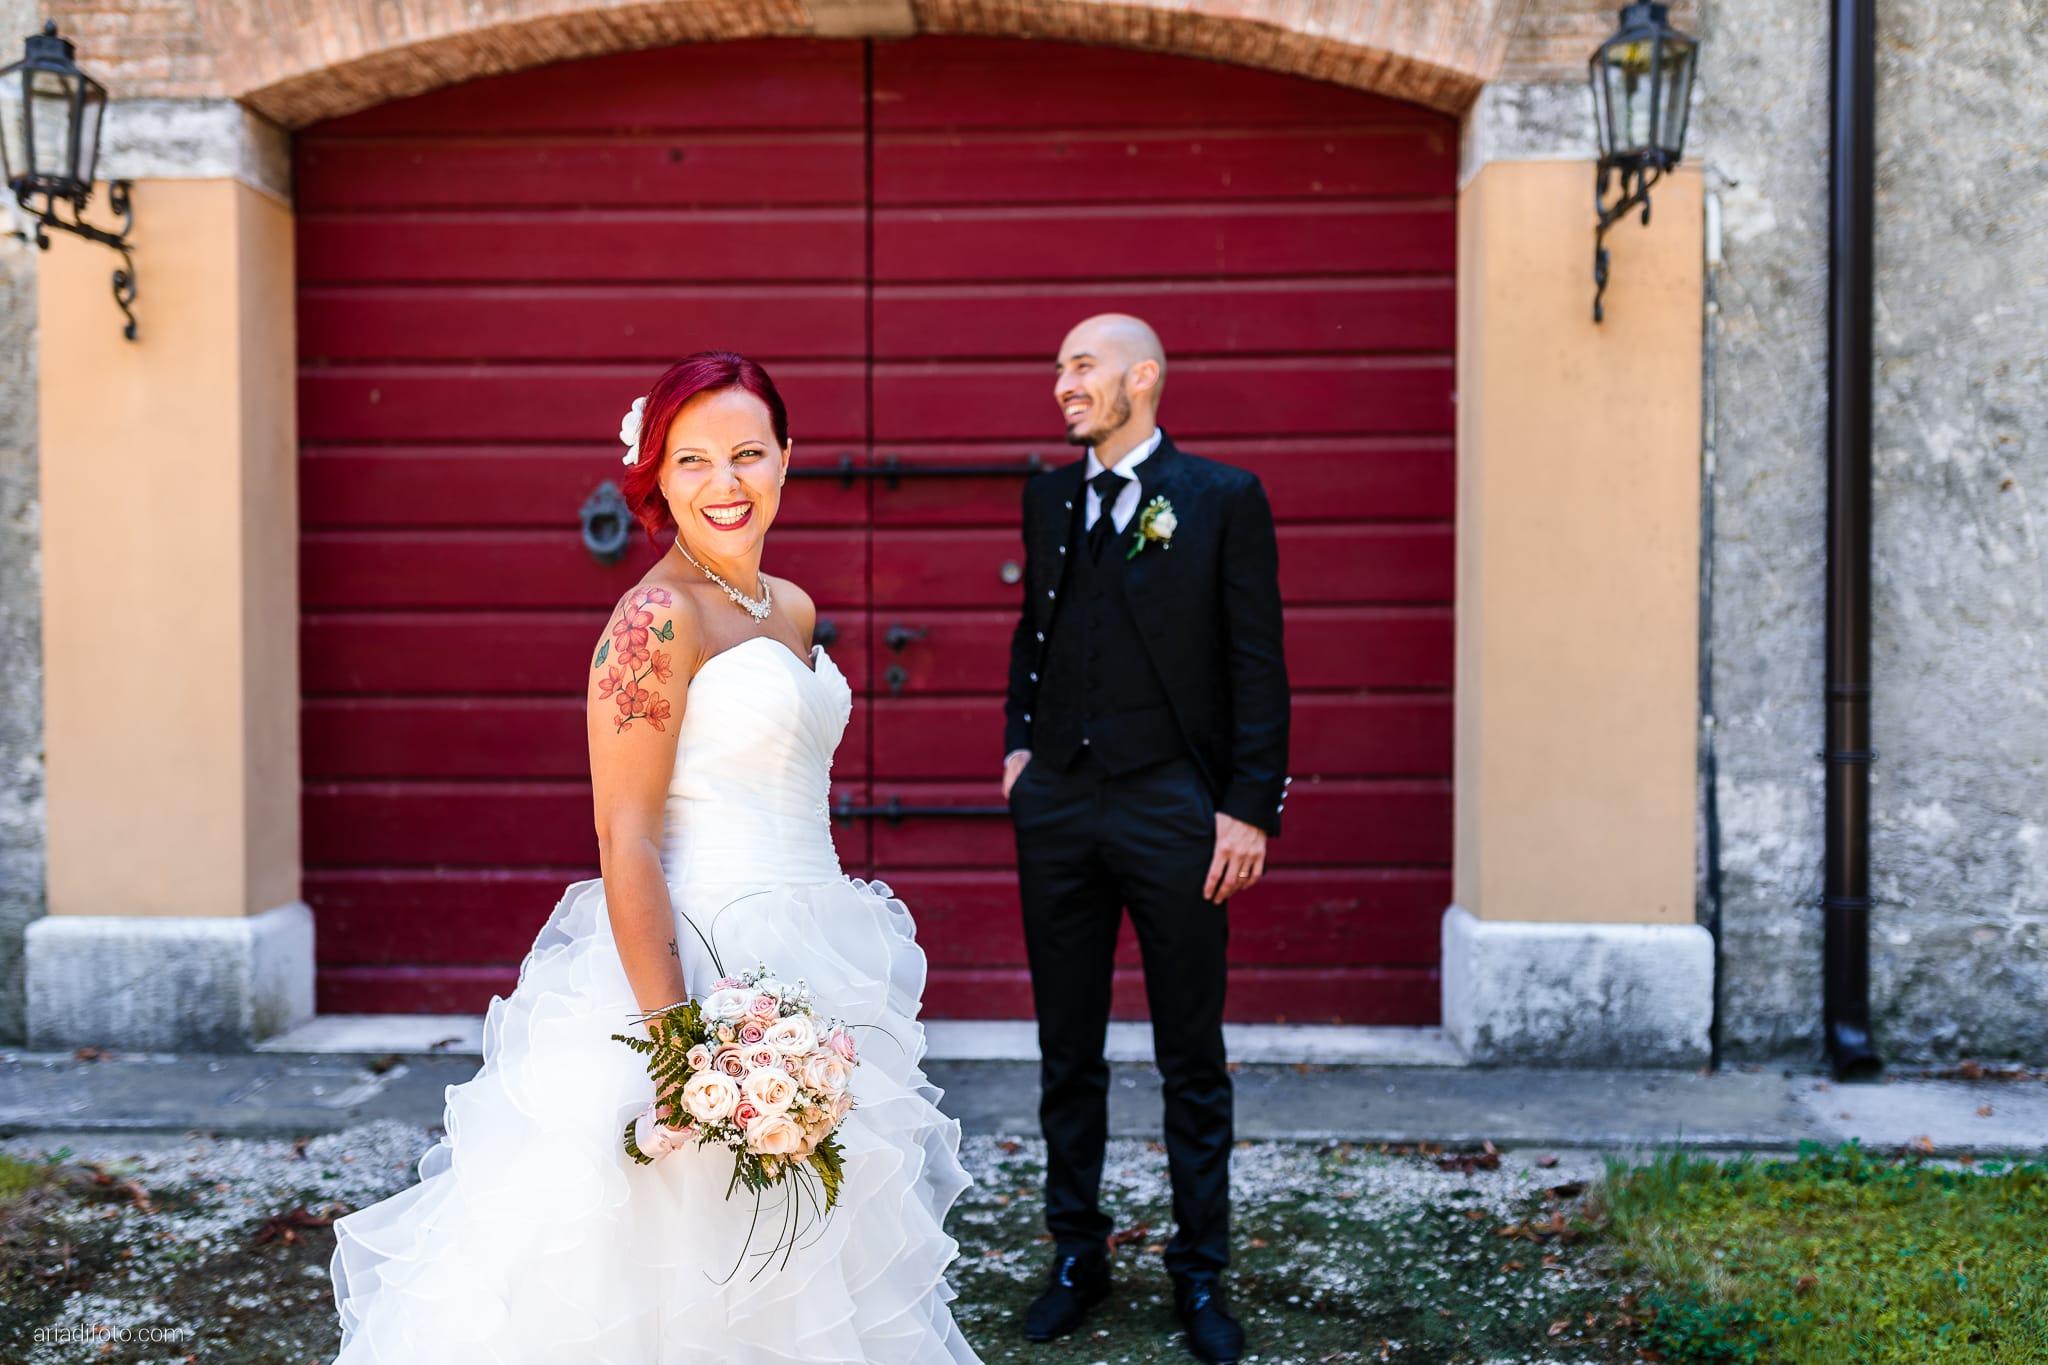 Alice Paolo Matrimonio San Giorgio Villa Iachia Ruda Udine ritratti sposi